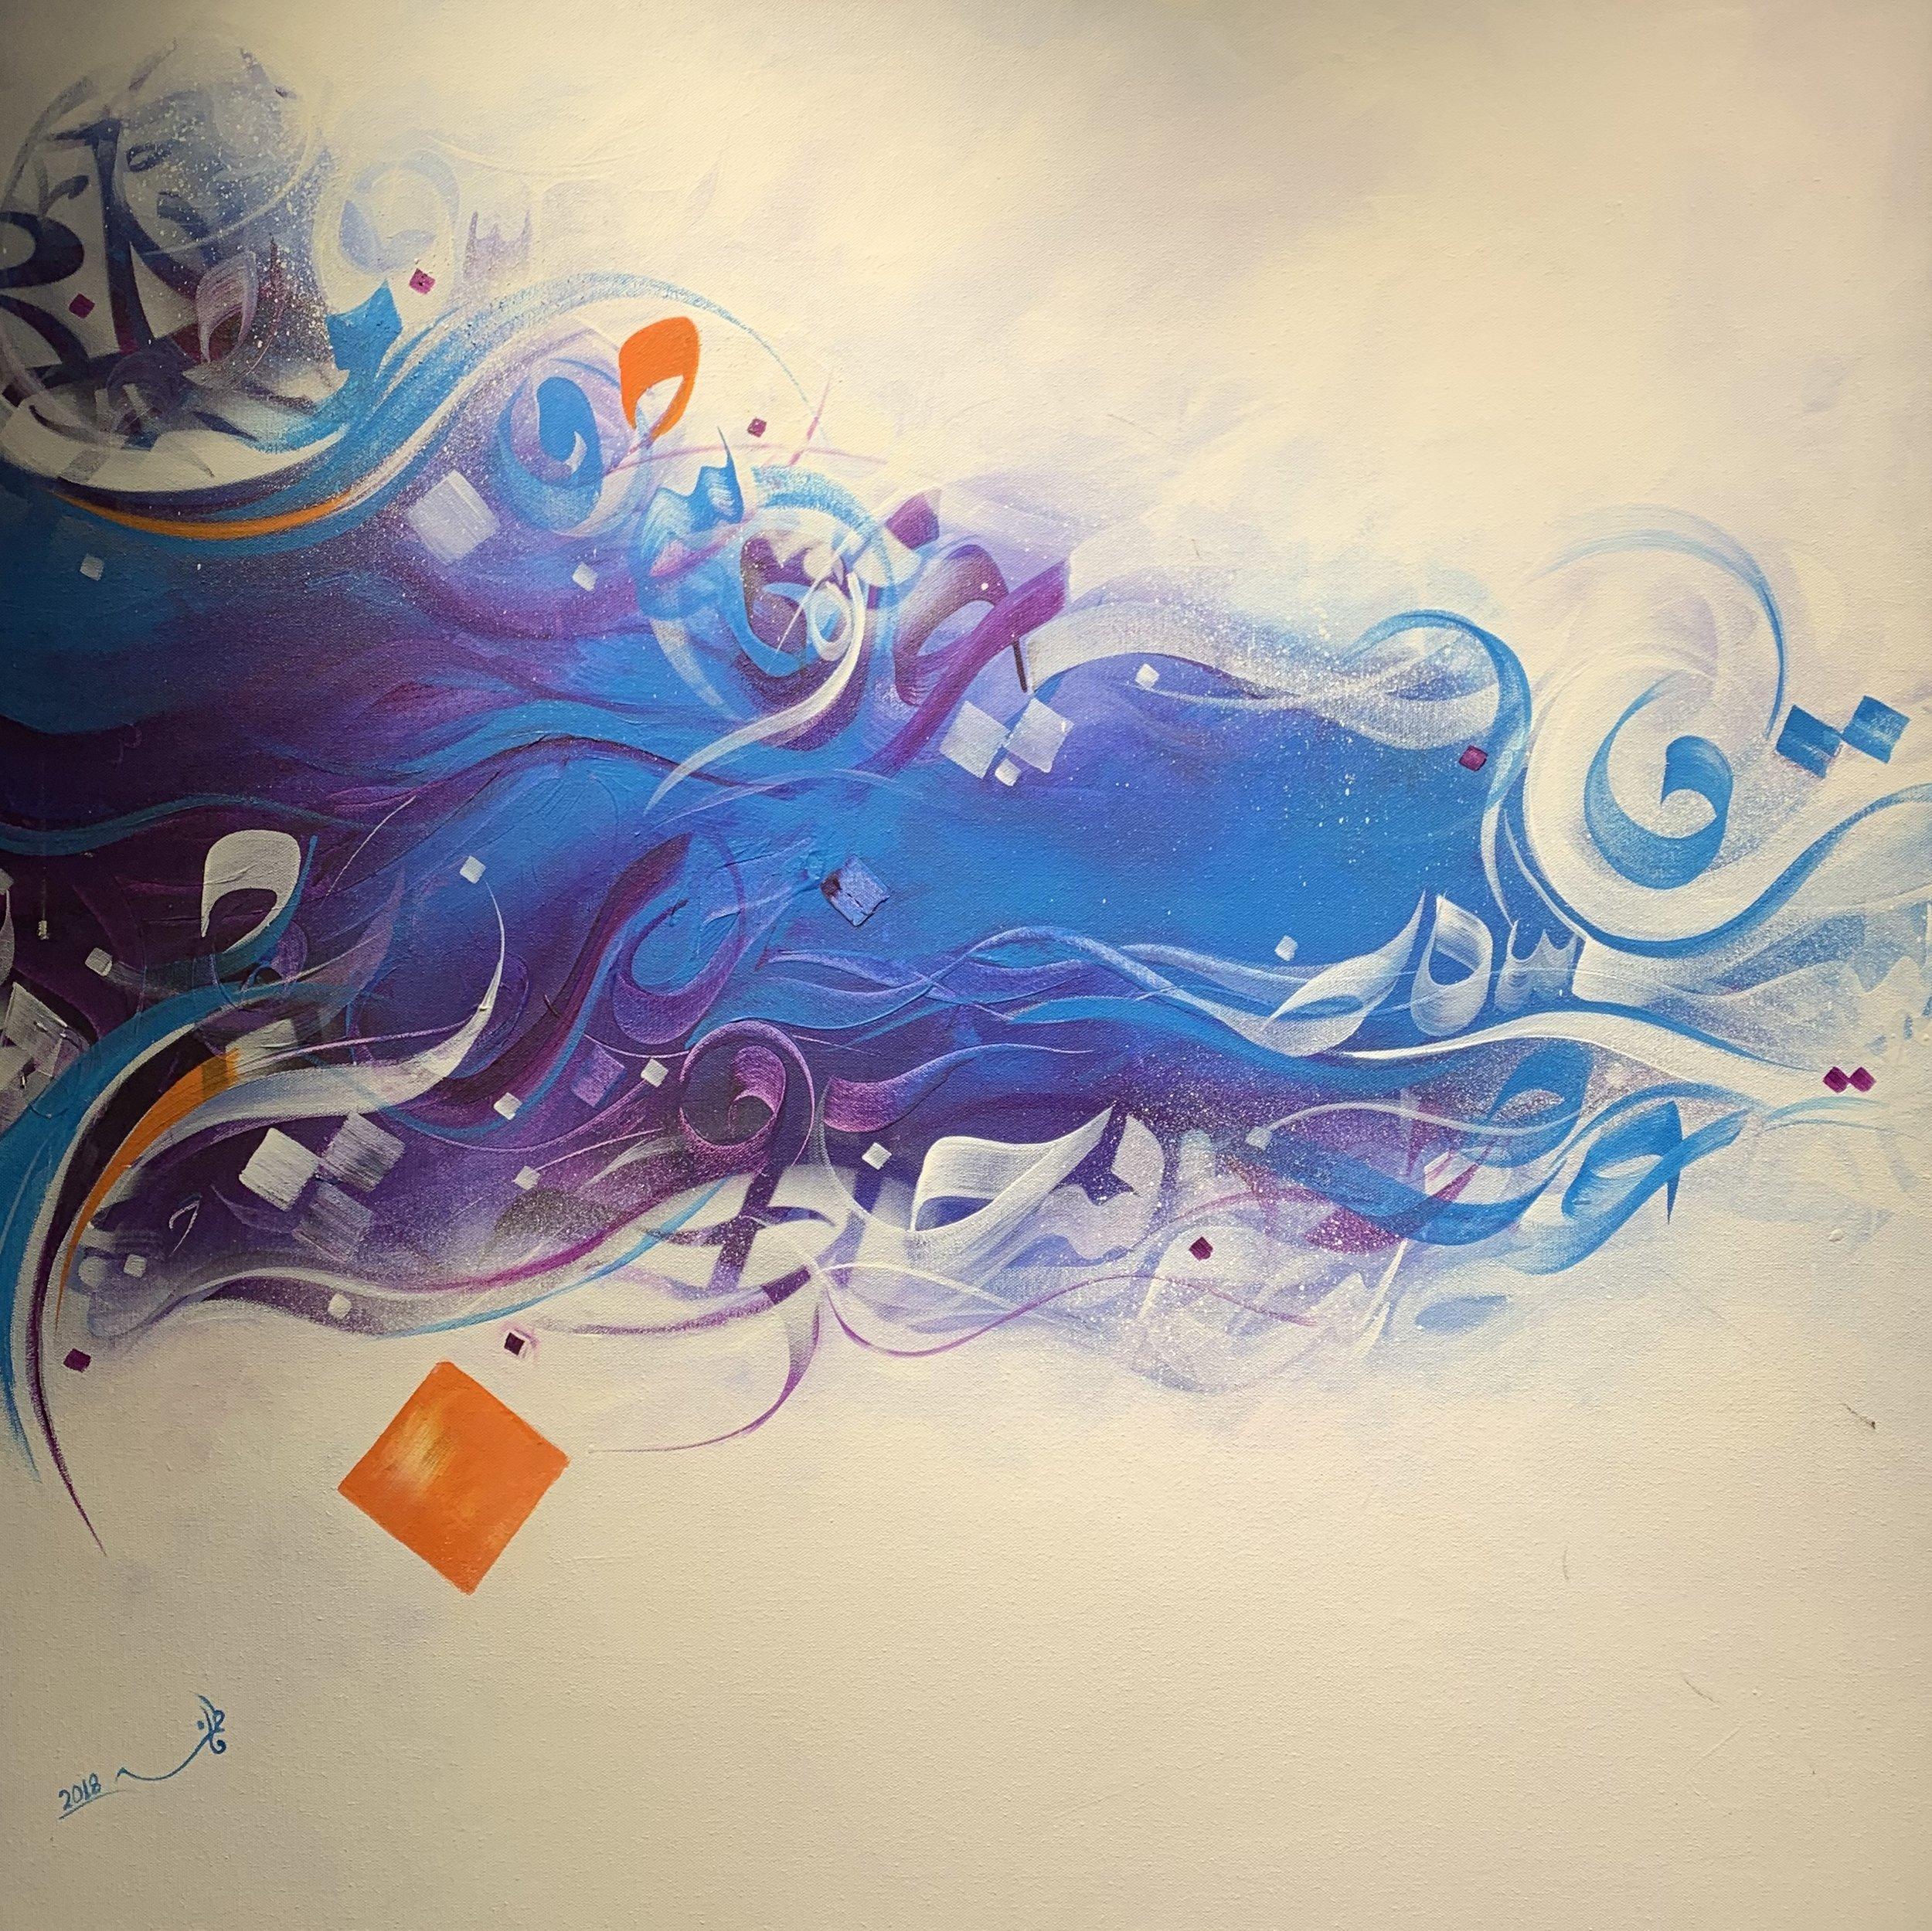 Harmony Acrylic on canvas 120 x 80 cm